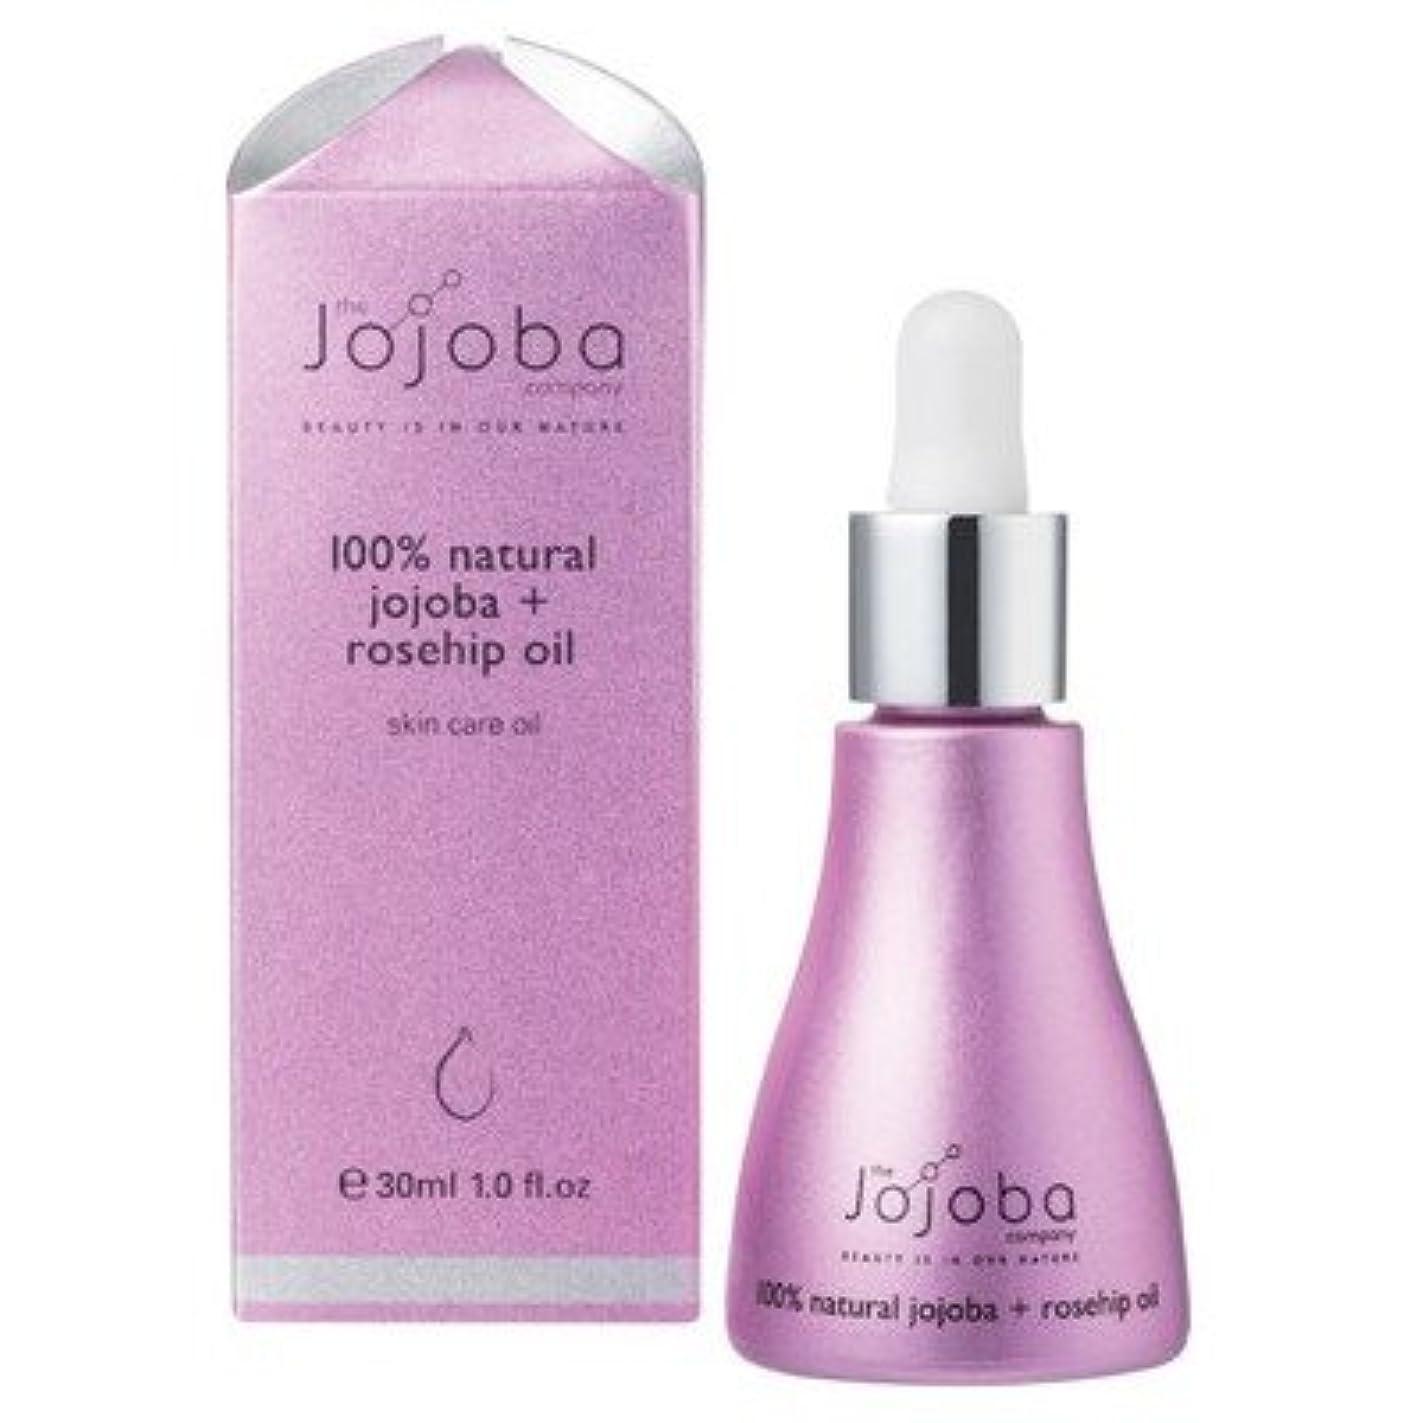 学習者演じるグリットthe Jojoba Company 100% Natural Australian Jojoba Oil + Rosehip Oil ホホバ&ローズヒップブレンドオイル 30ml [海外直送品]